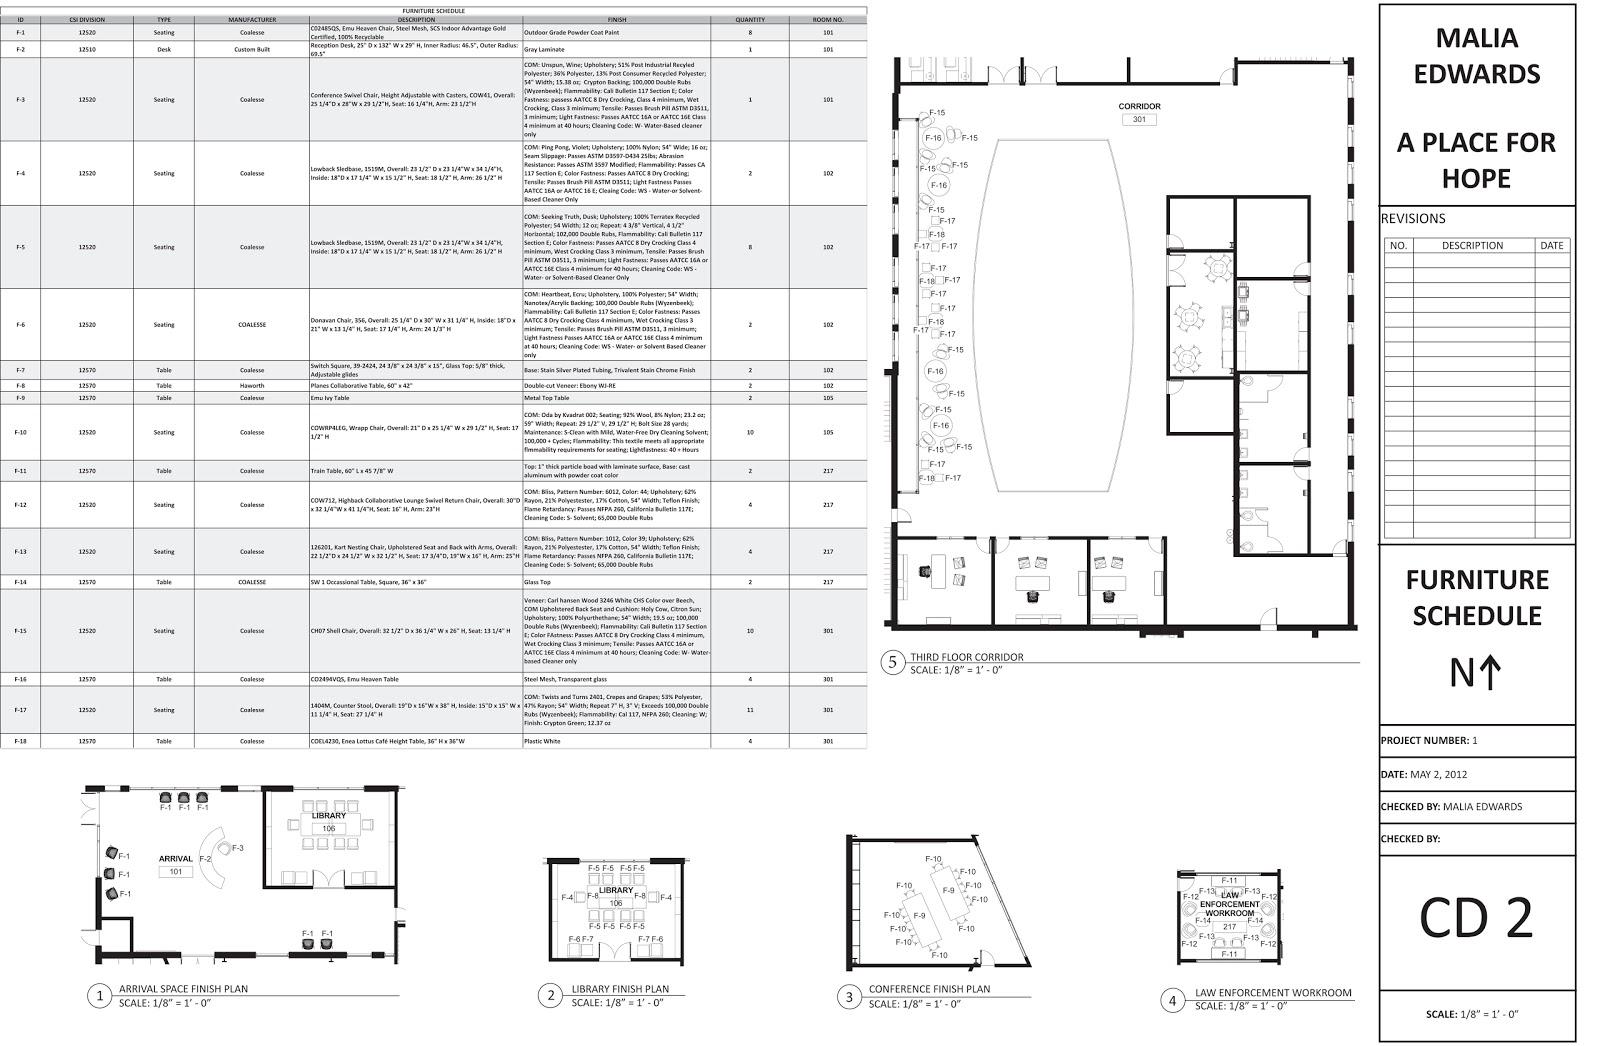 MALIA EDWARDS: Construction Documents